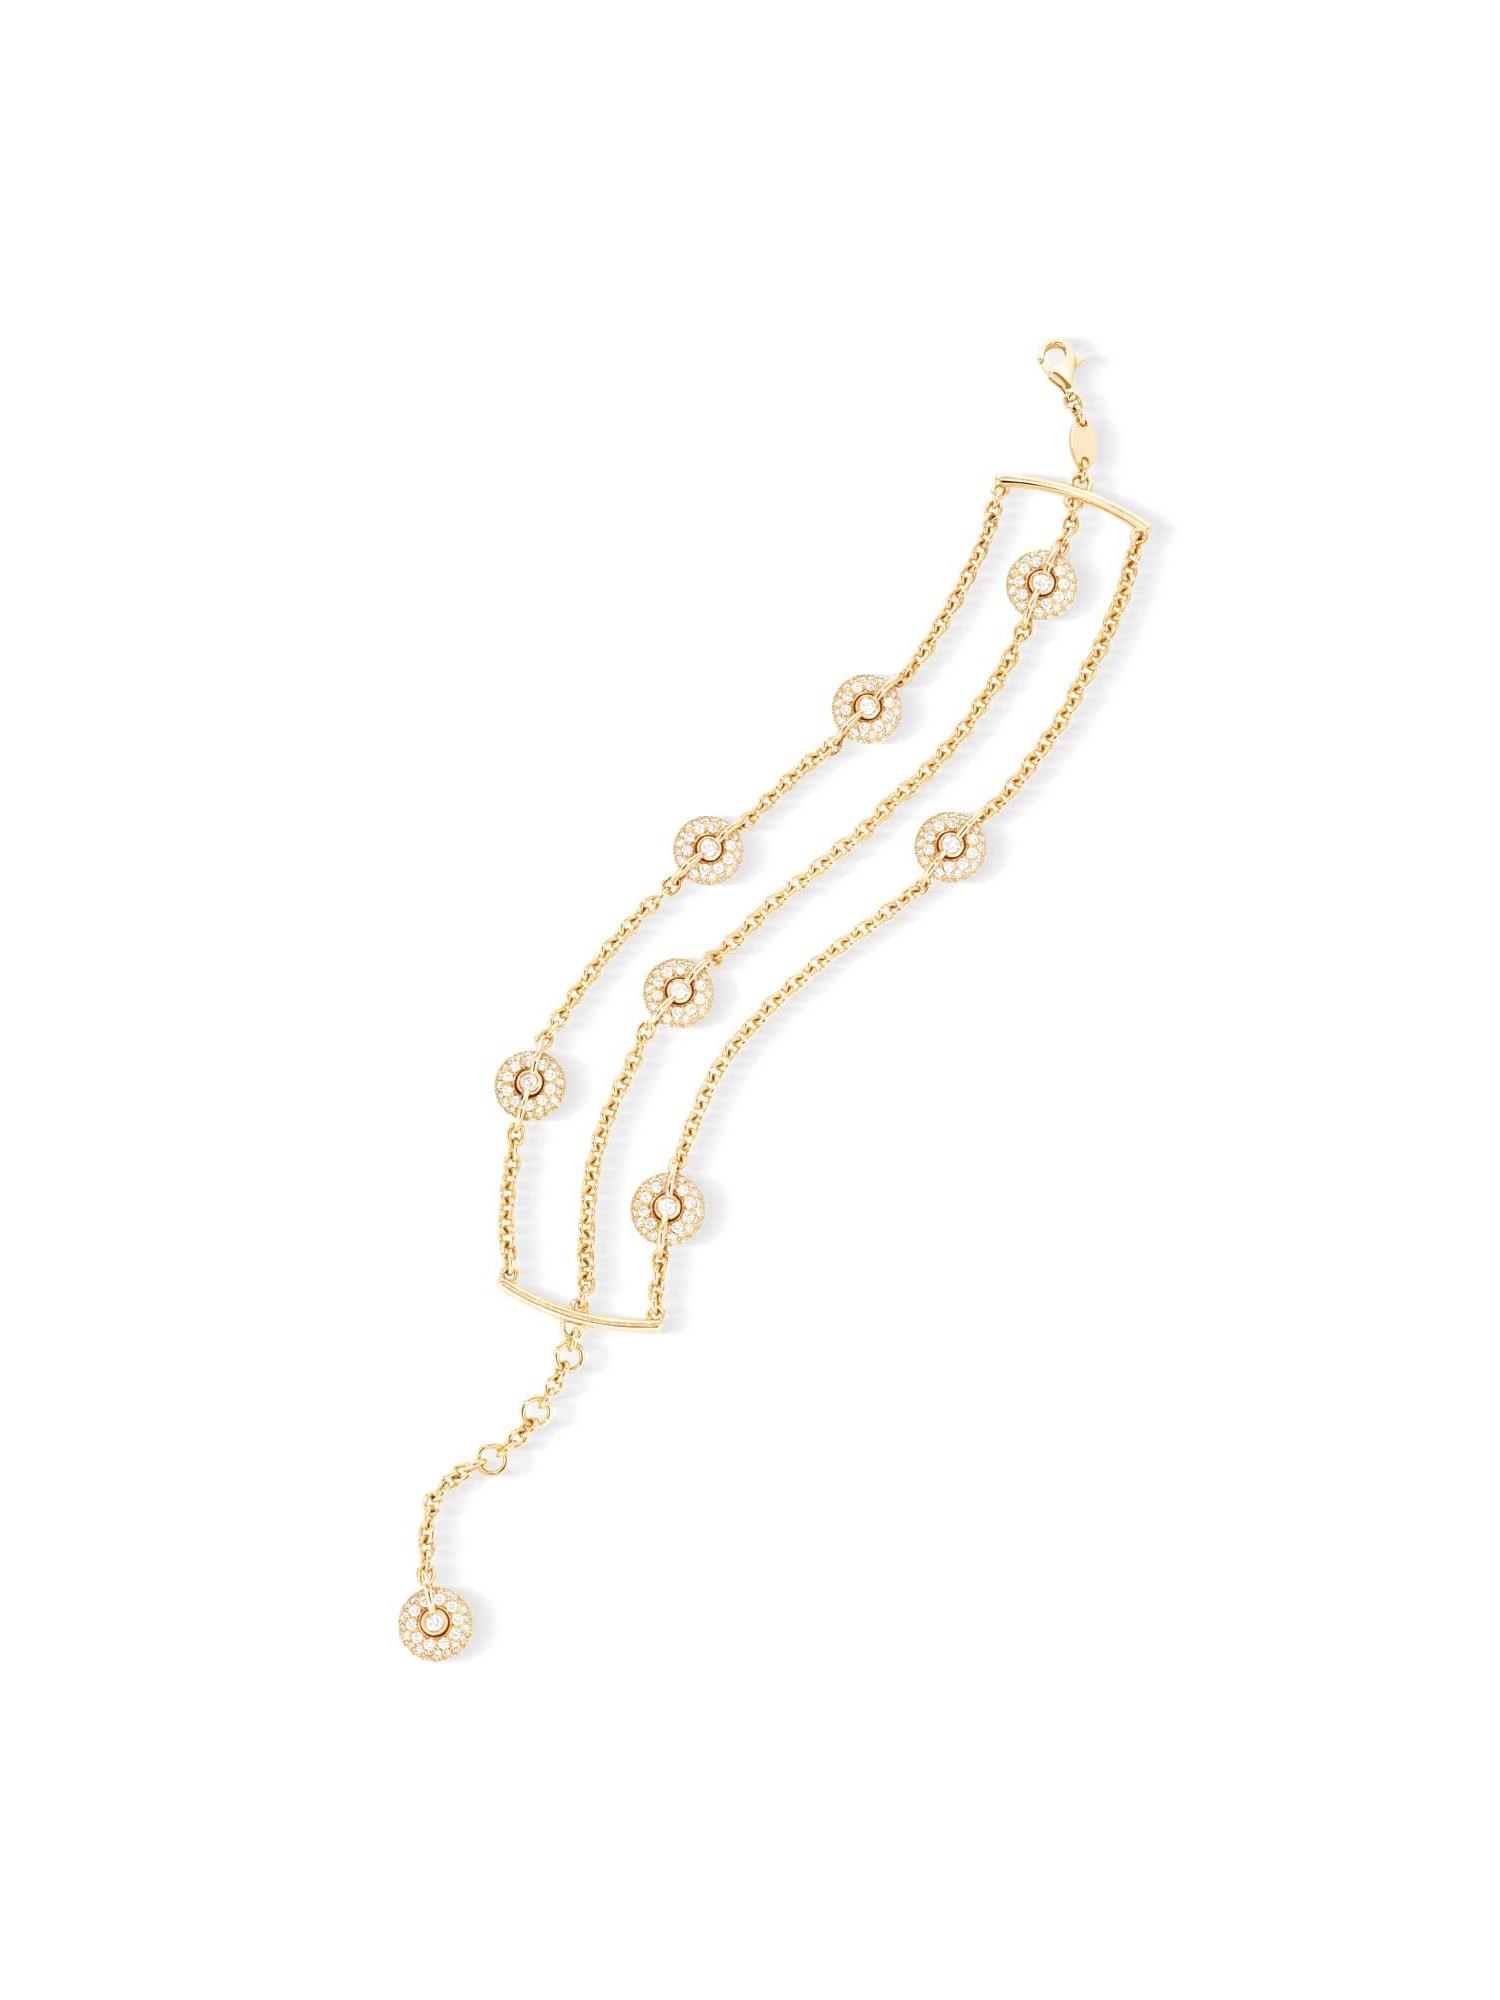 Bracelet manchette or jaune et diamants - Joaillerie Canaglia Paris-Milan